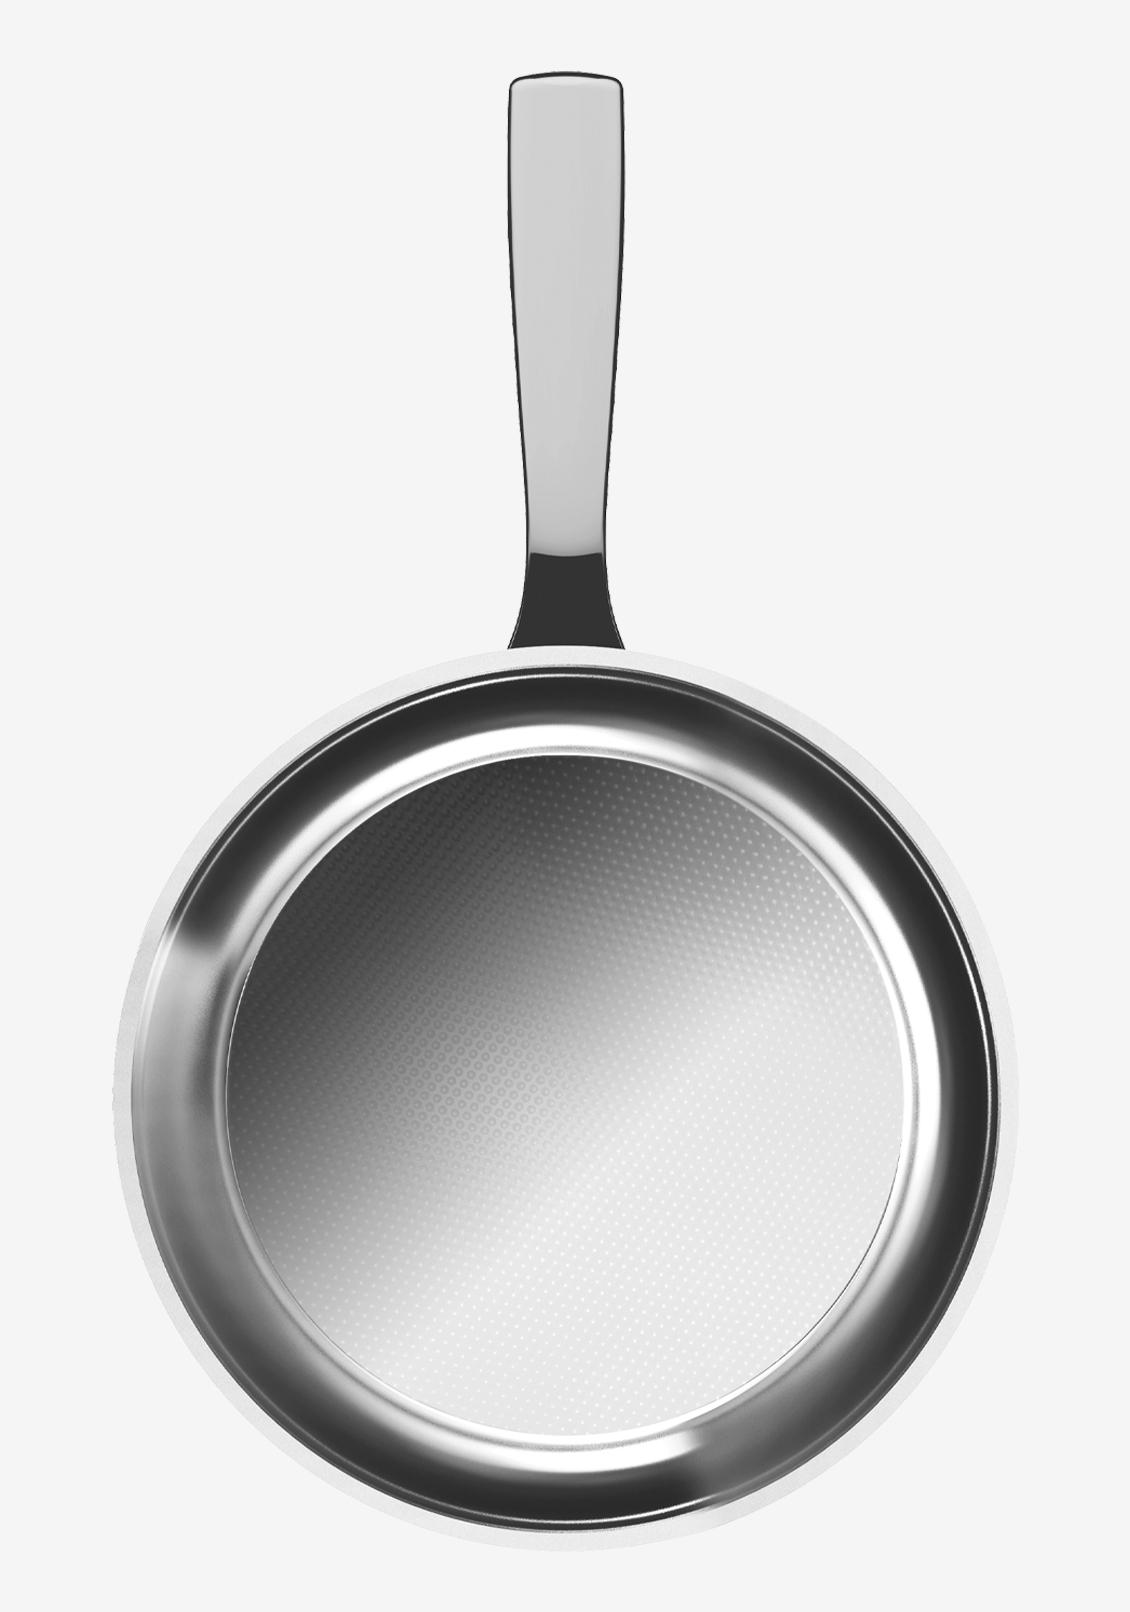 en VERSION NON REVÊTUE - Pour ceux qui veulent cuisinercomme les pros.119020 PROTOCOLE POÊLE 20 CM119024 PROTOCOLE POÊLE 24 CM119028 PROTOCOLE POÊLE 28 CM